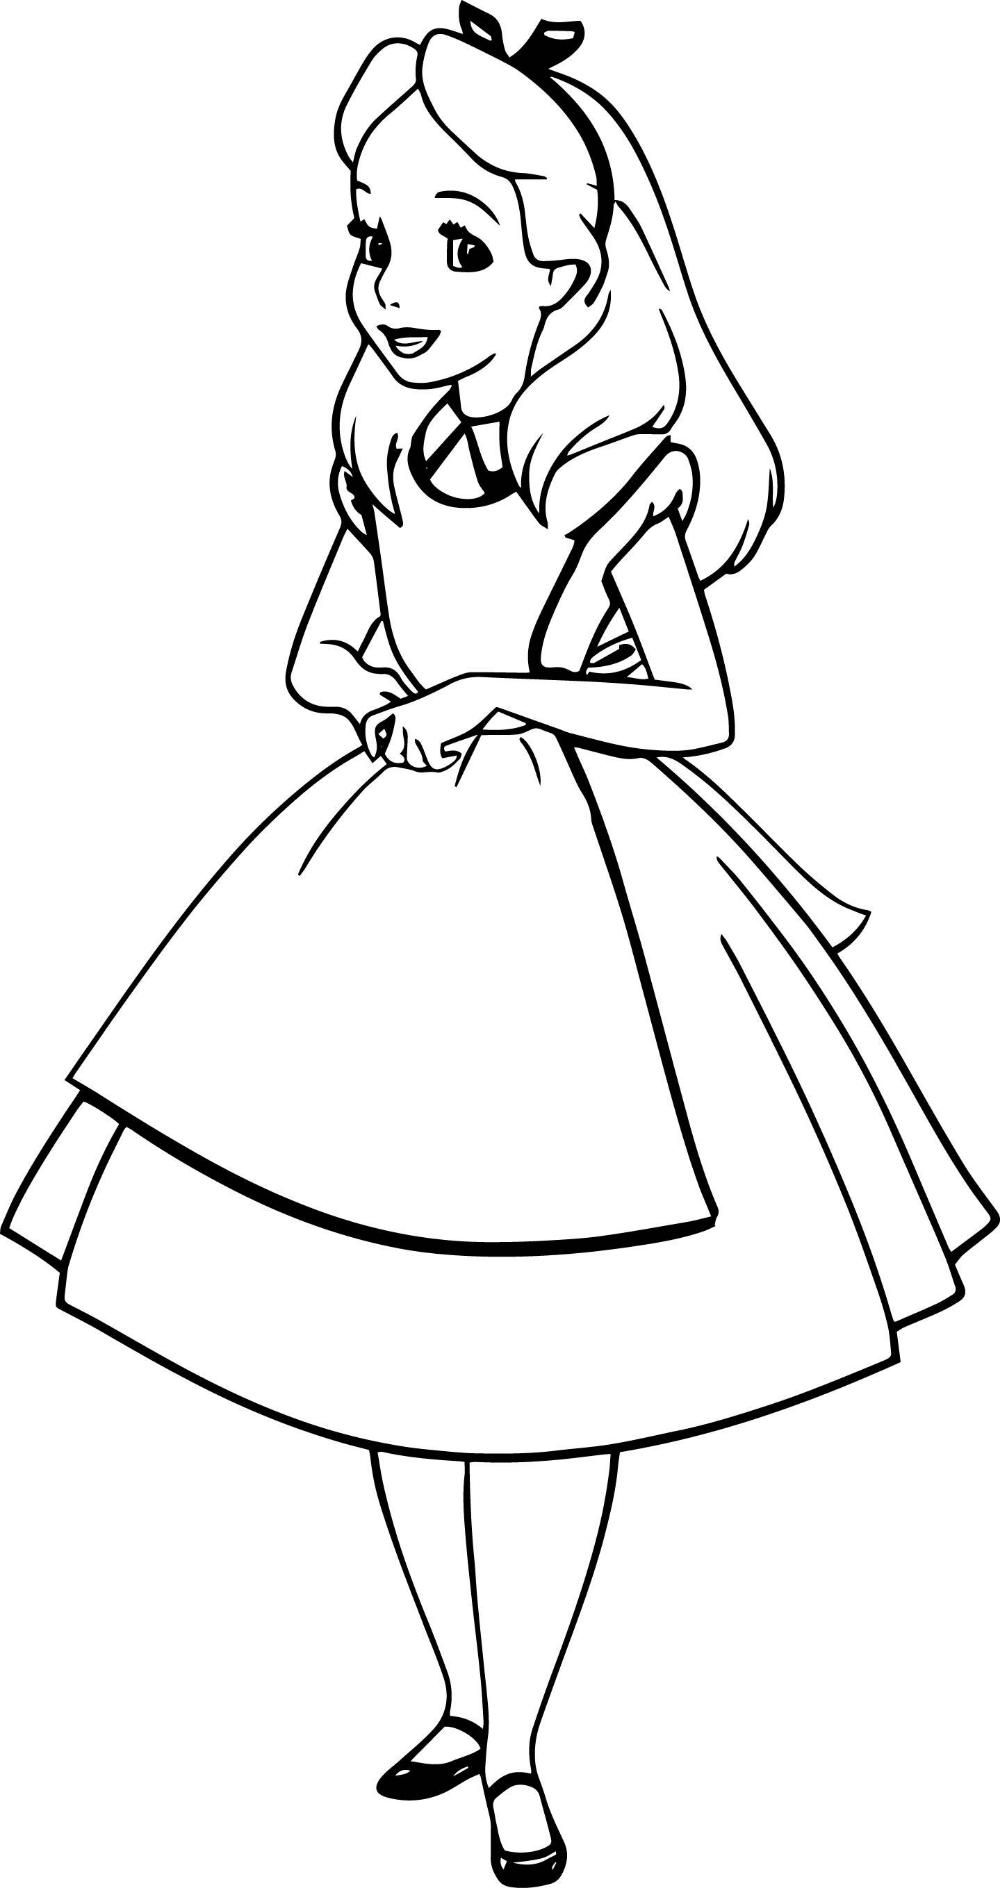 Раскраска Алиса В Стране Чудес для детей распечатать ...